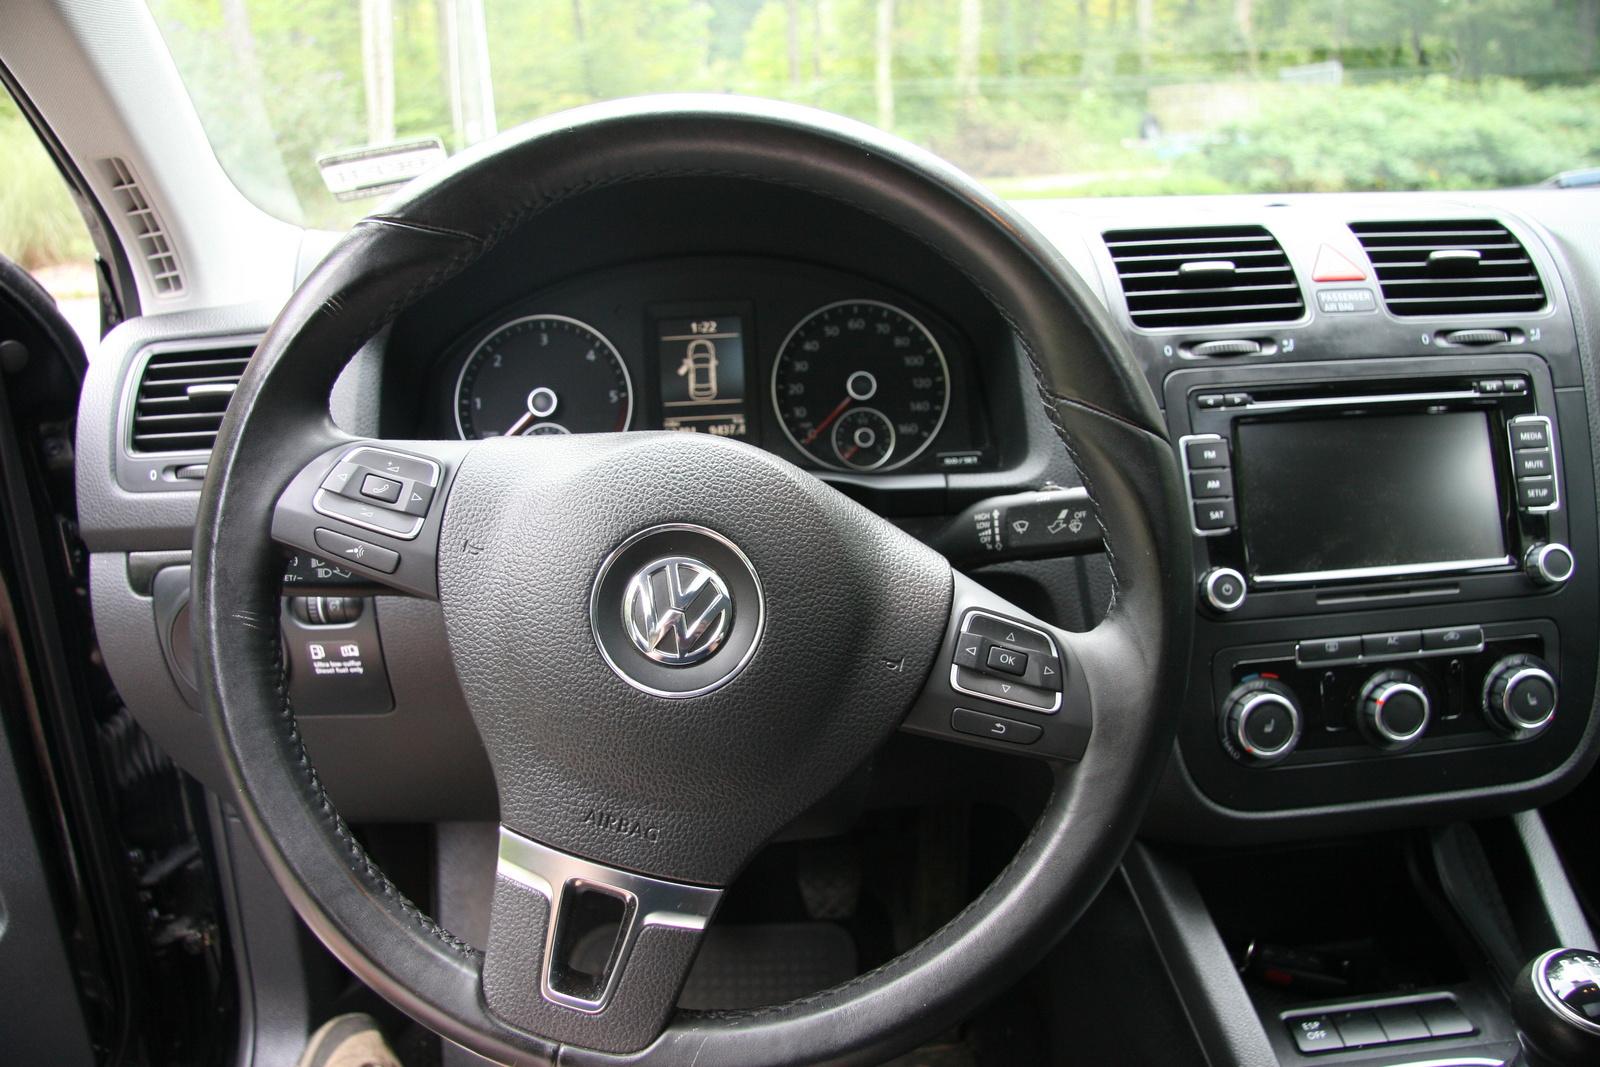 2010 Volkswagen Jetta - Pictures - CarGurus